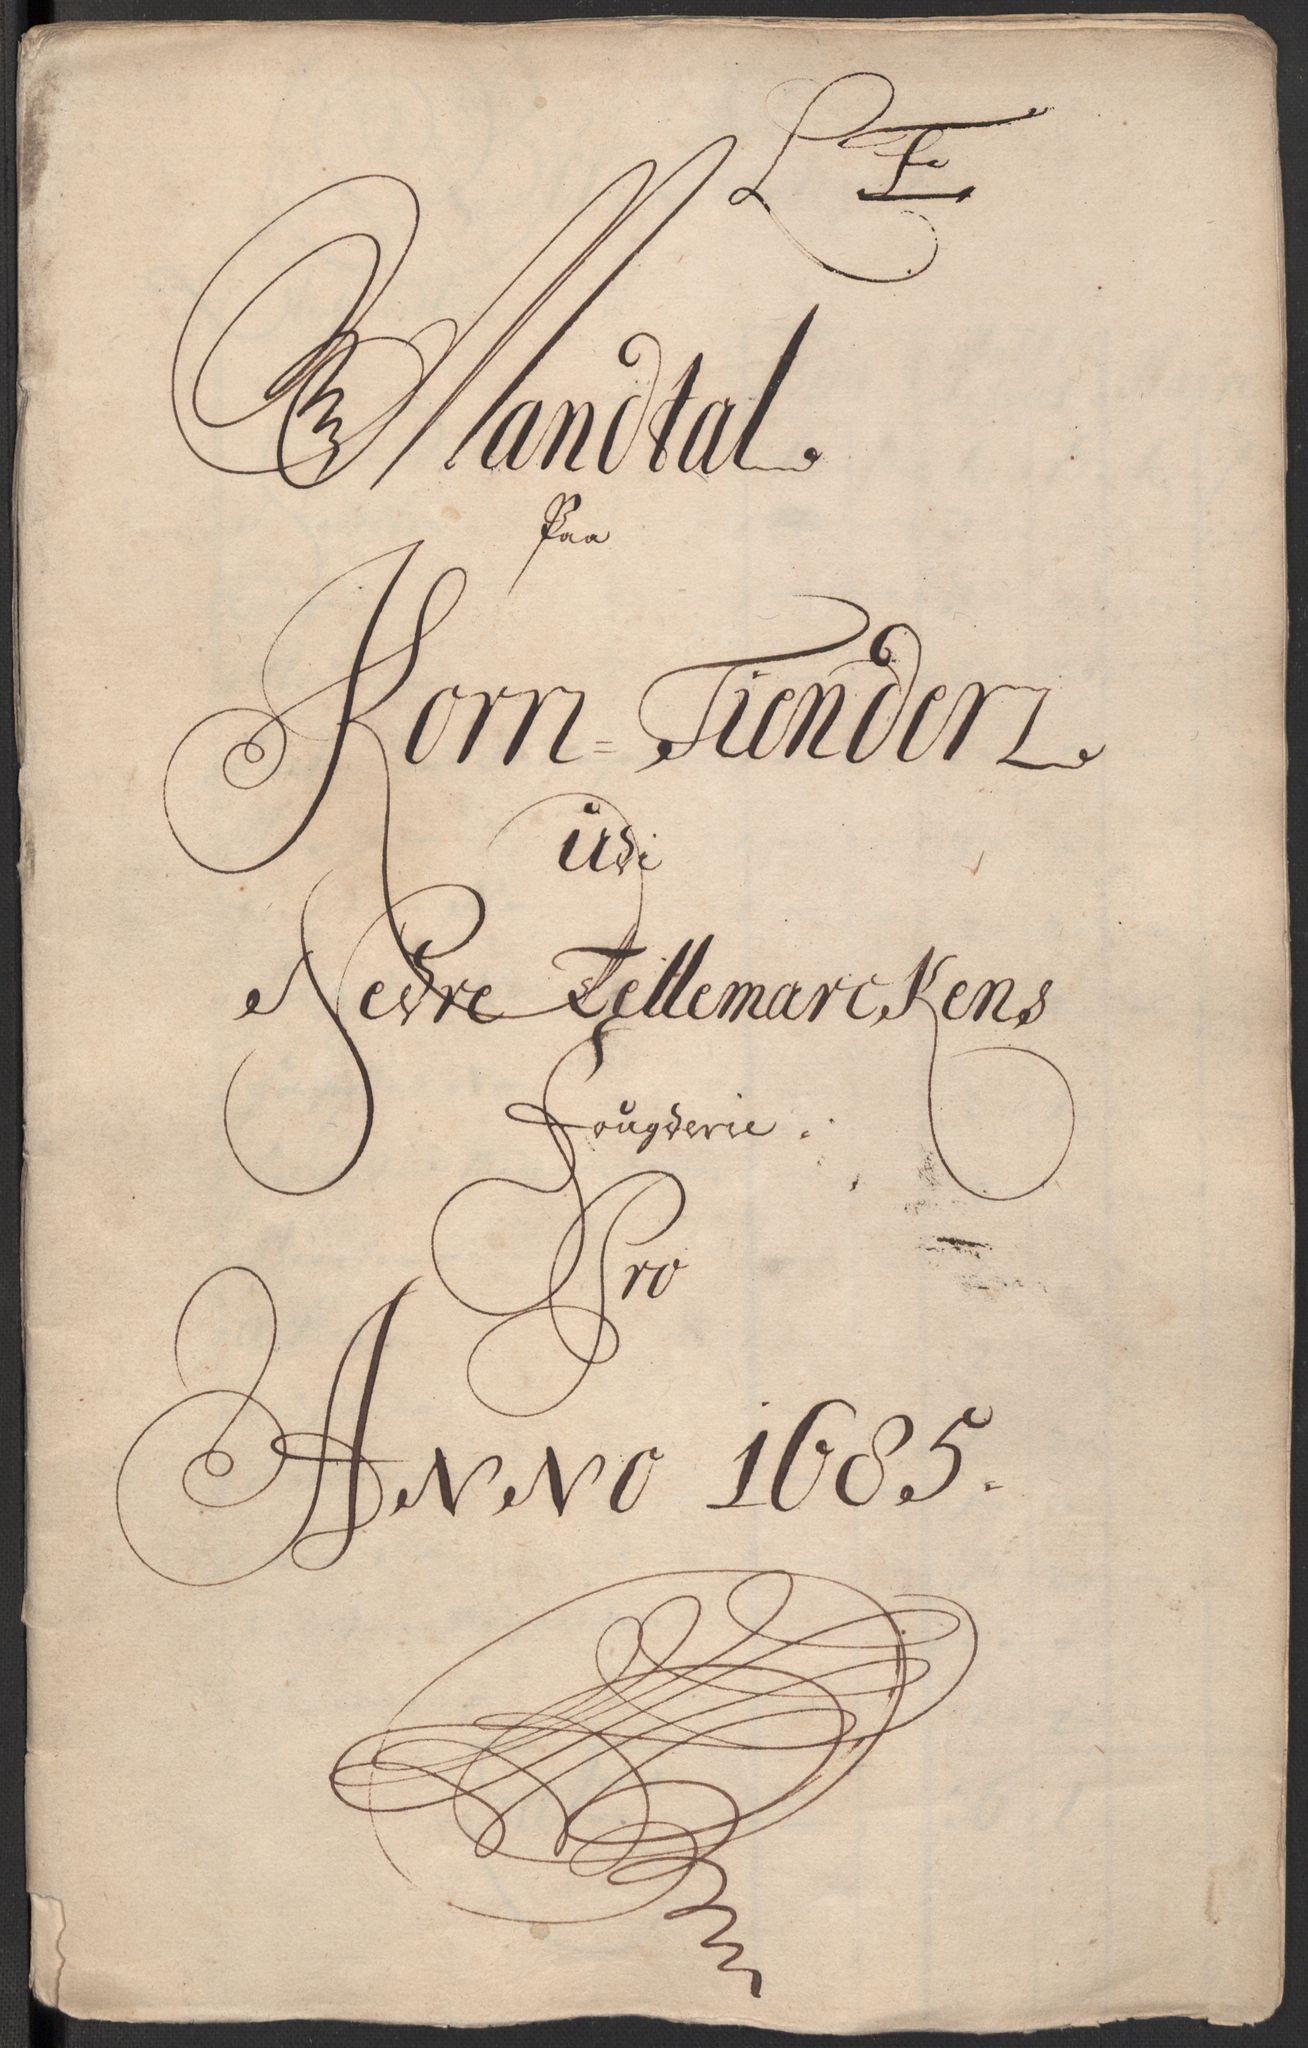 RA, Rentekammeret inntil 1814, Reviderte regnskaper, Fogderegnskap, R35/L2082: Fogderegnskap Øvre og Nedre Telemark, 1685, s. 78